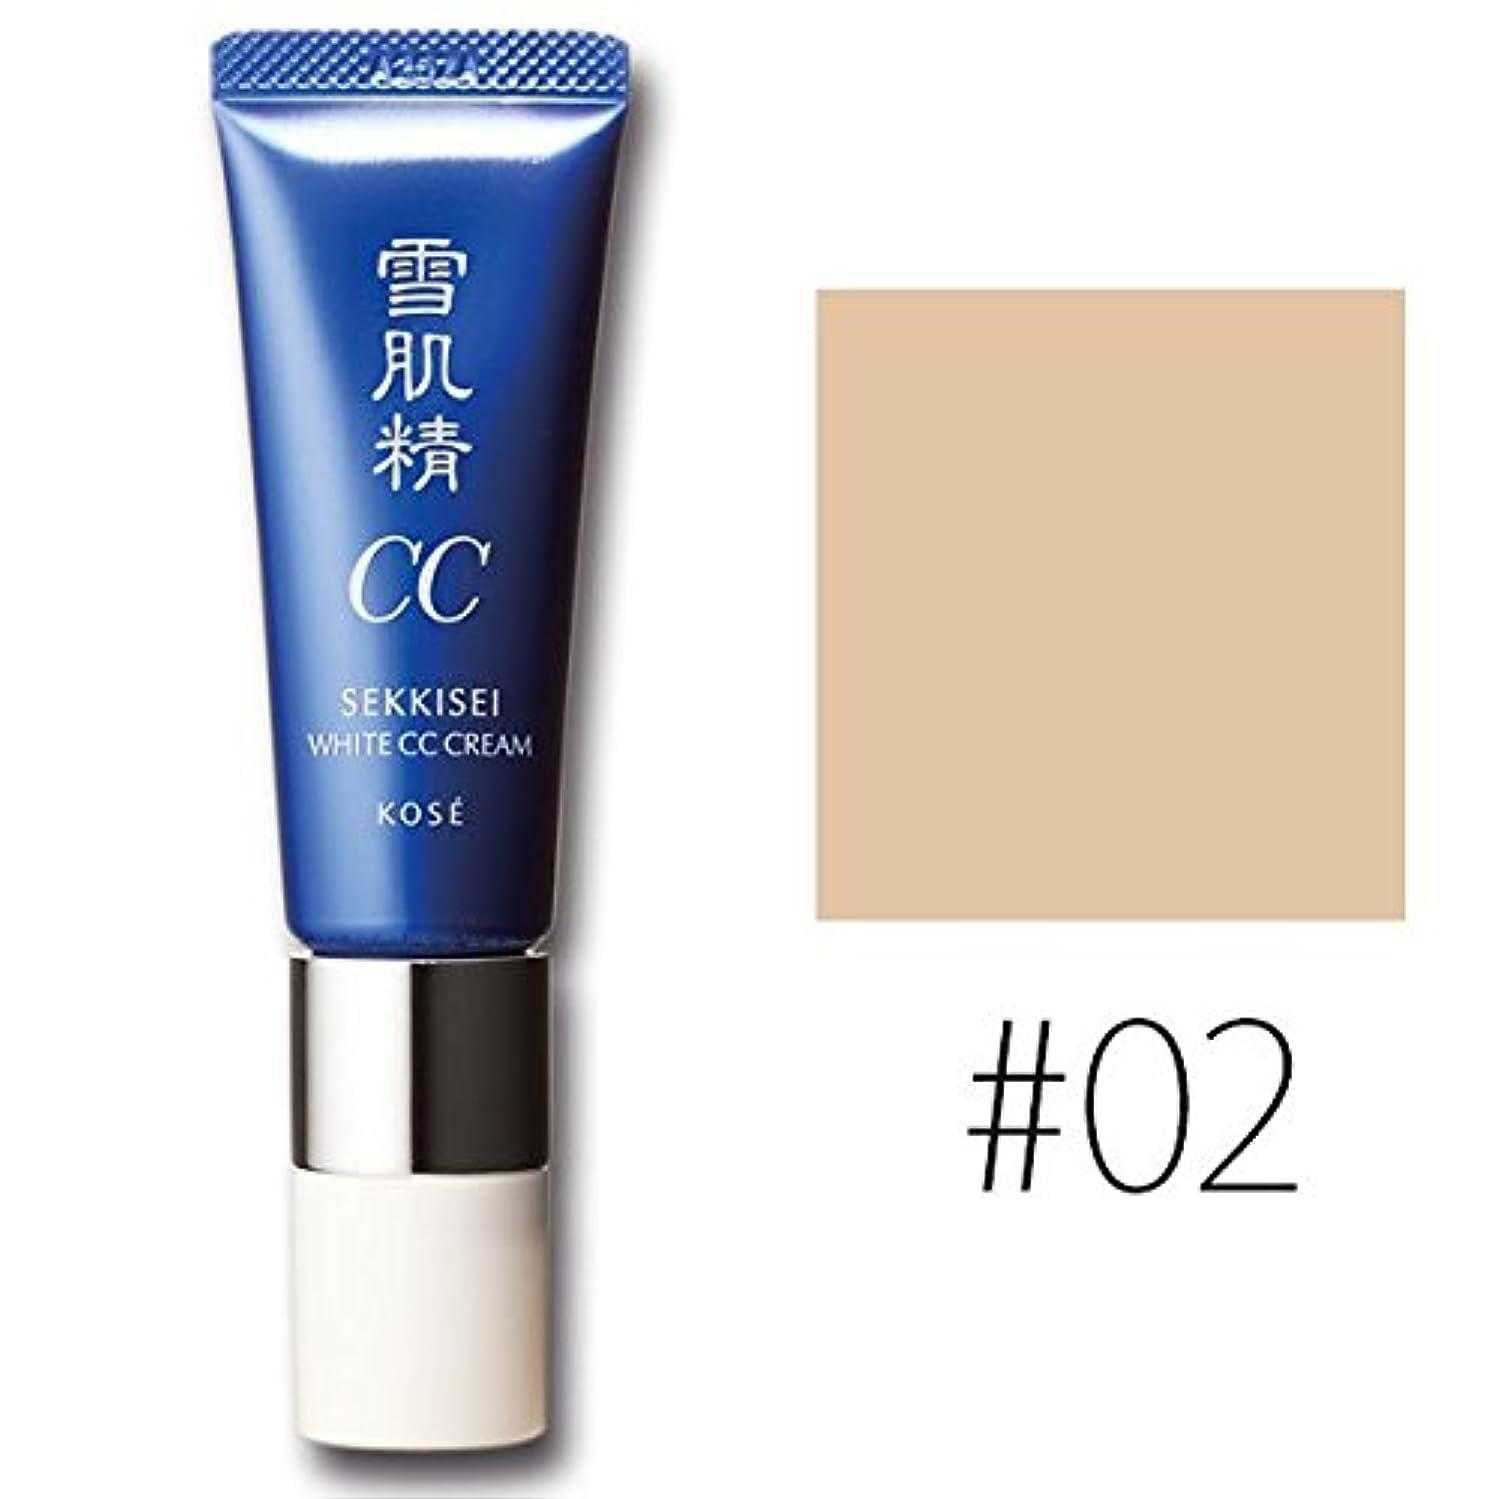 幸福ゴネリル安全なコーセー 雪肌精 ホワイト CCクリーム【#02】 #OCHRE SPF50+/PA++++ 30g